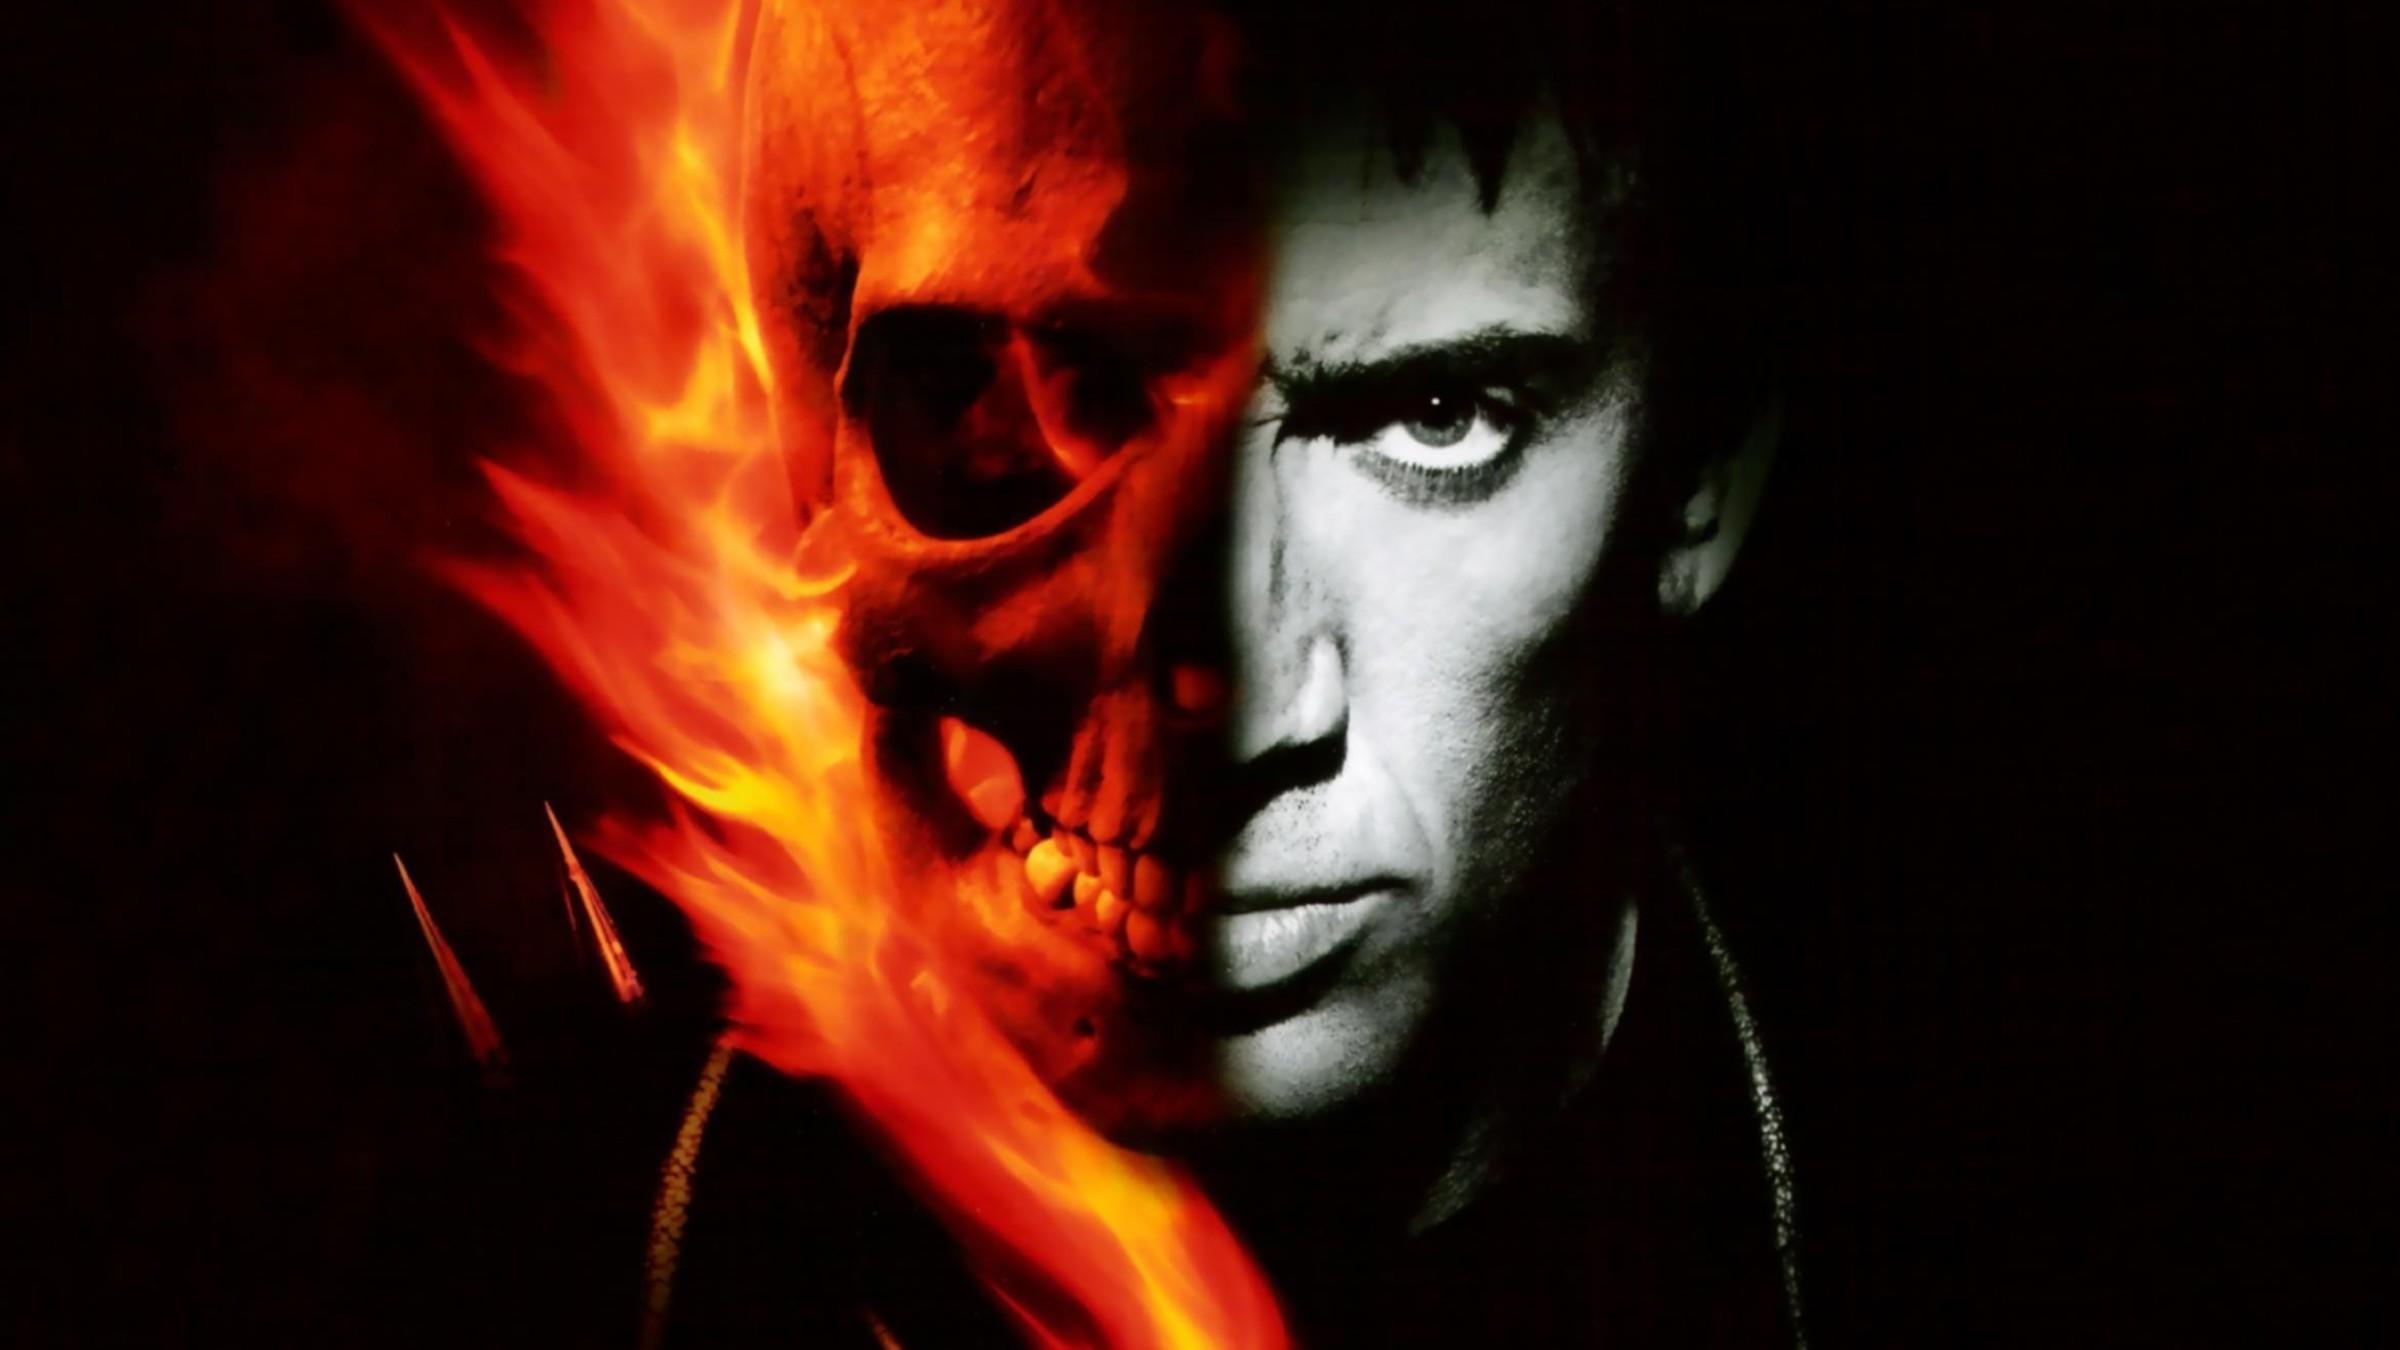 Ghost Rider Skull Wallpaper